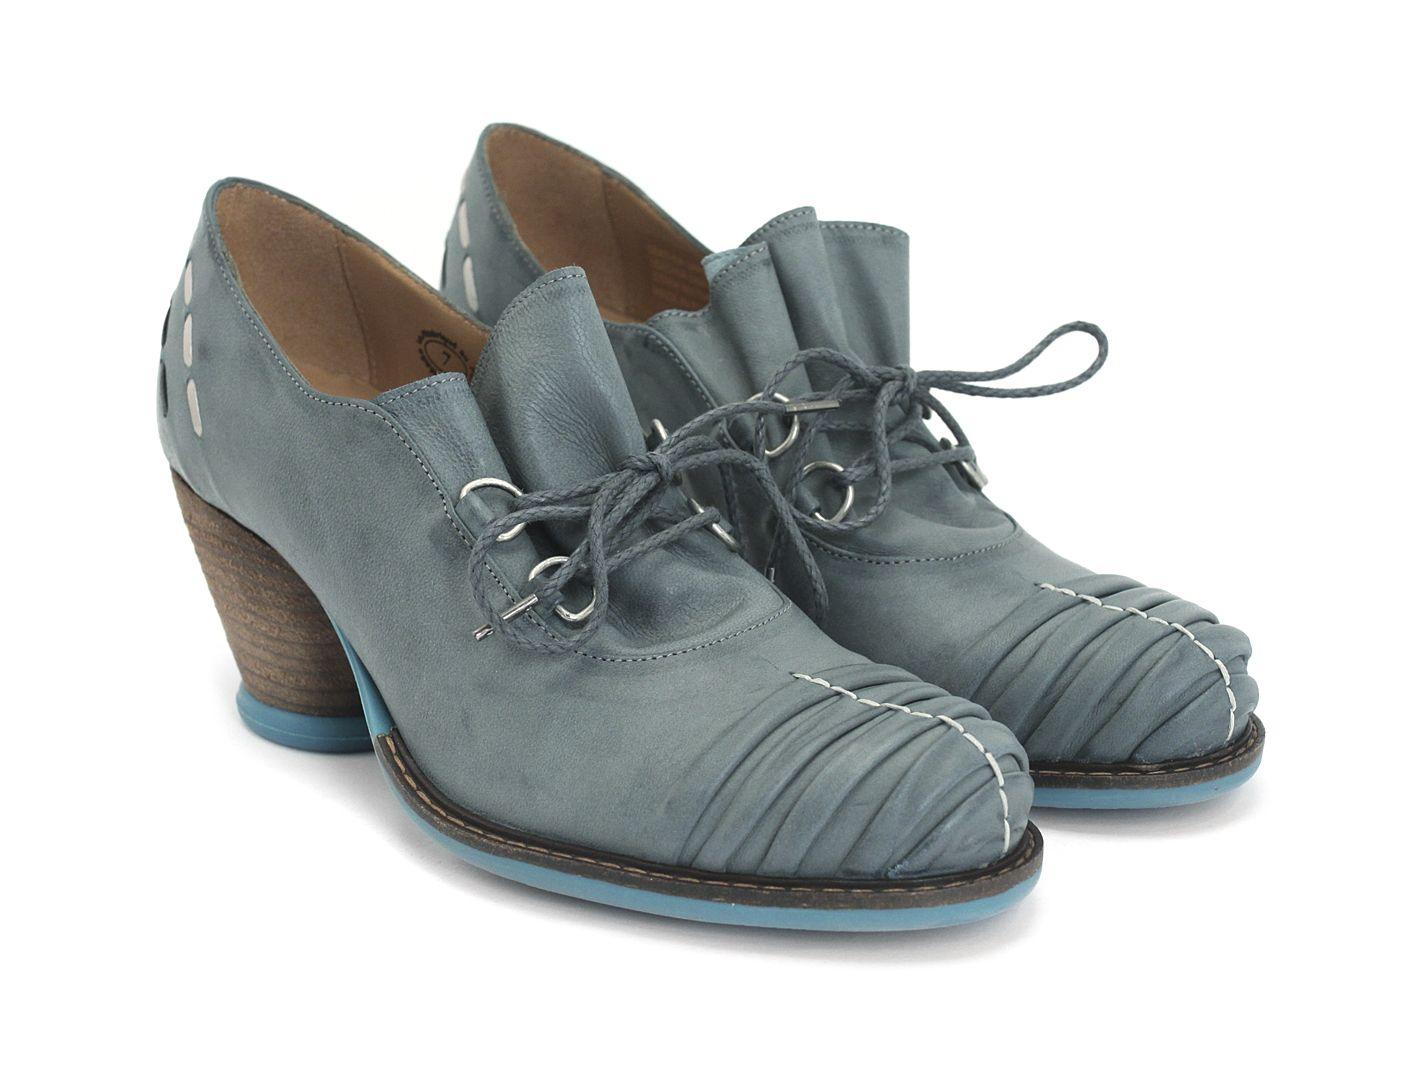 Mezzo Della | Leather heels, Vintage high heels, Shoes